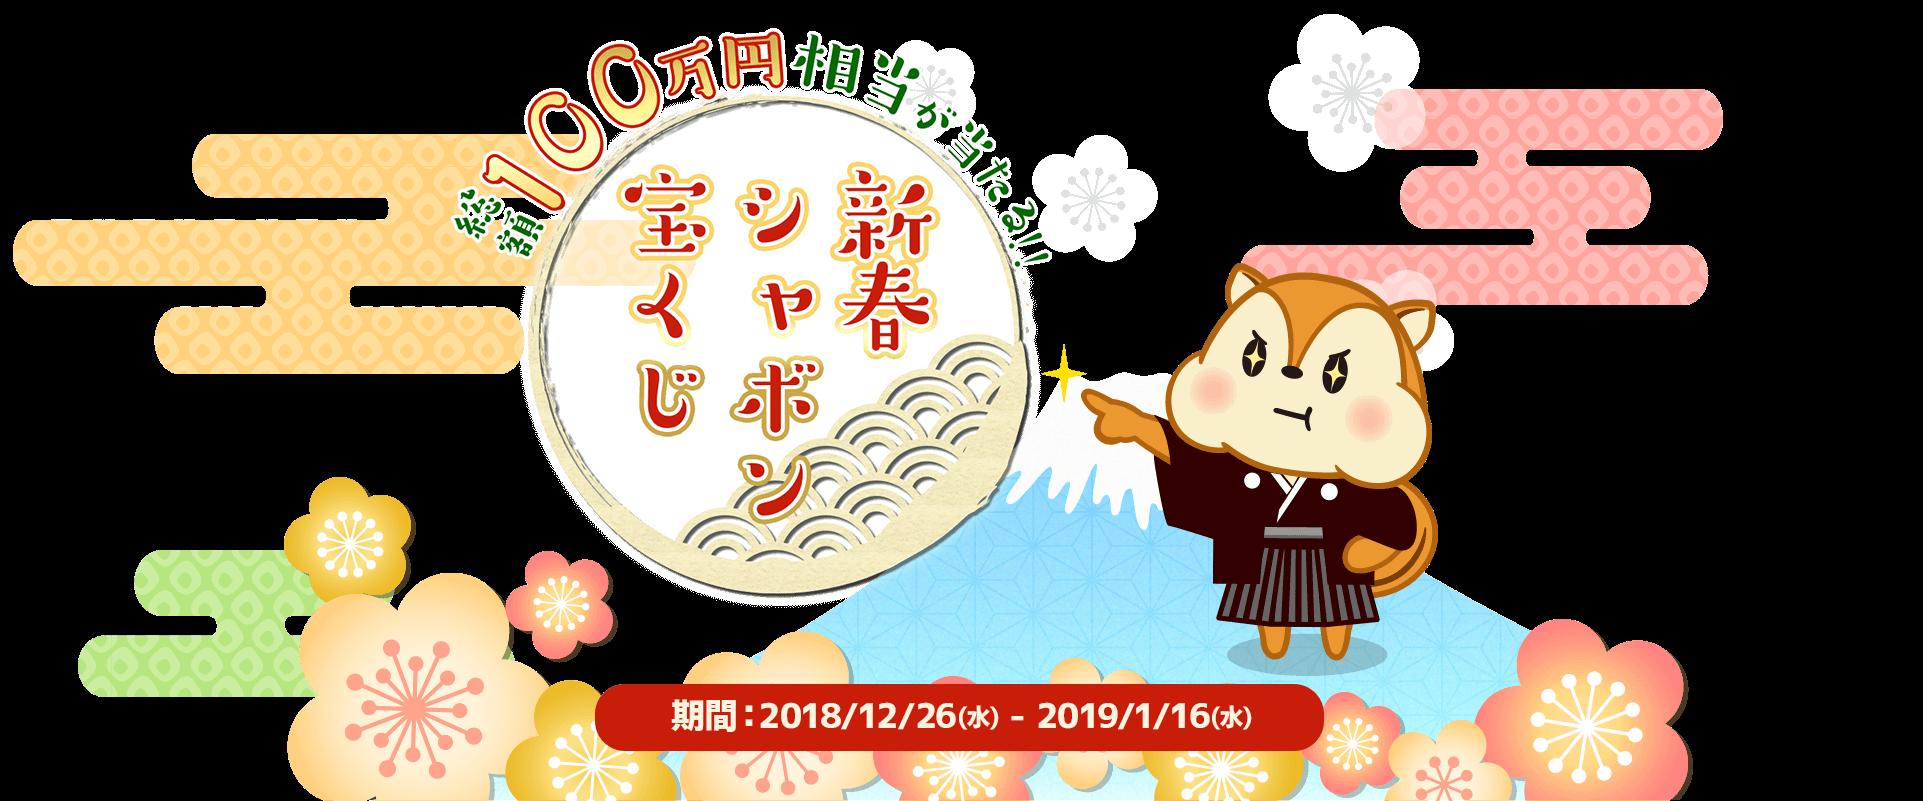 新春シャボン宝くじ